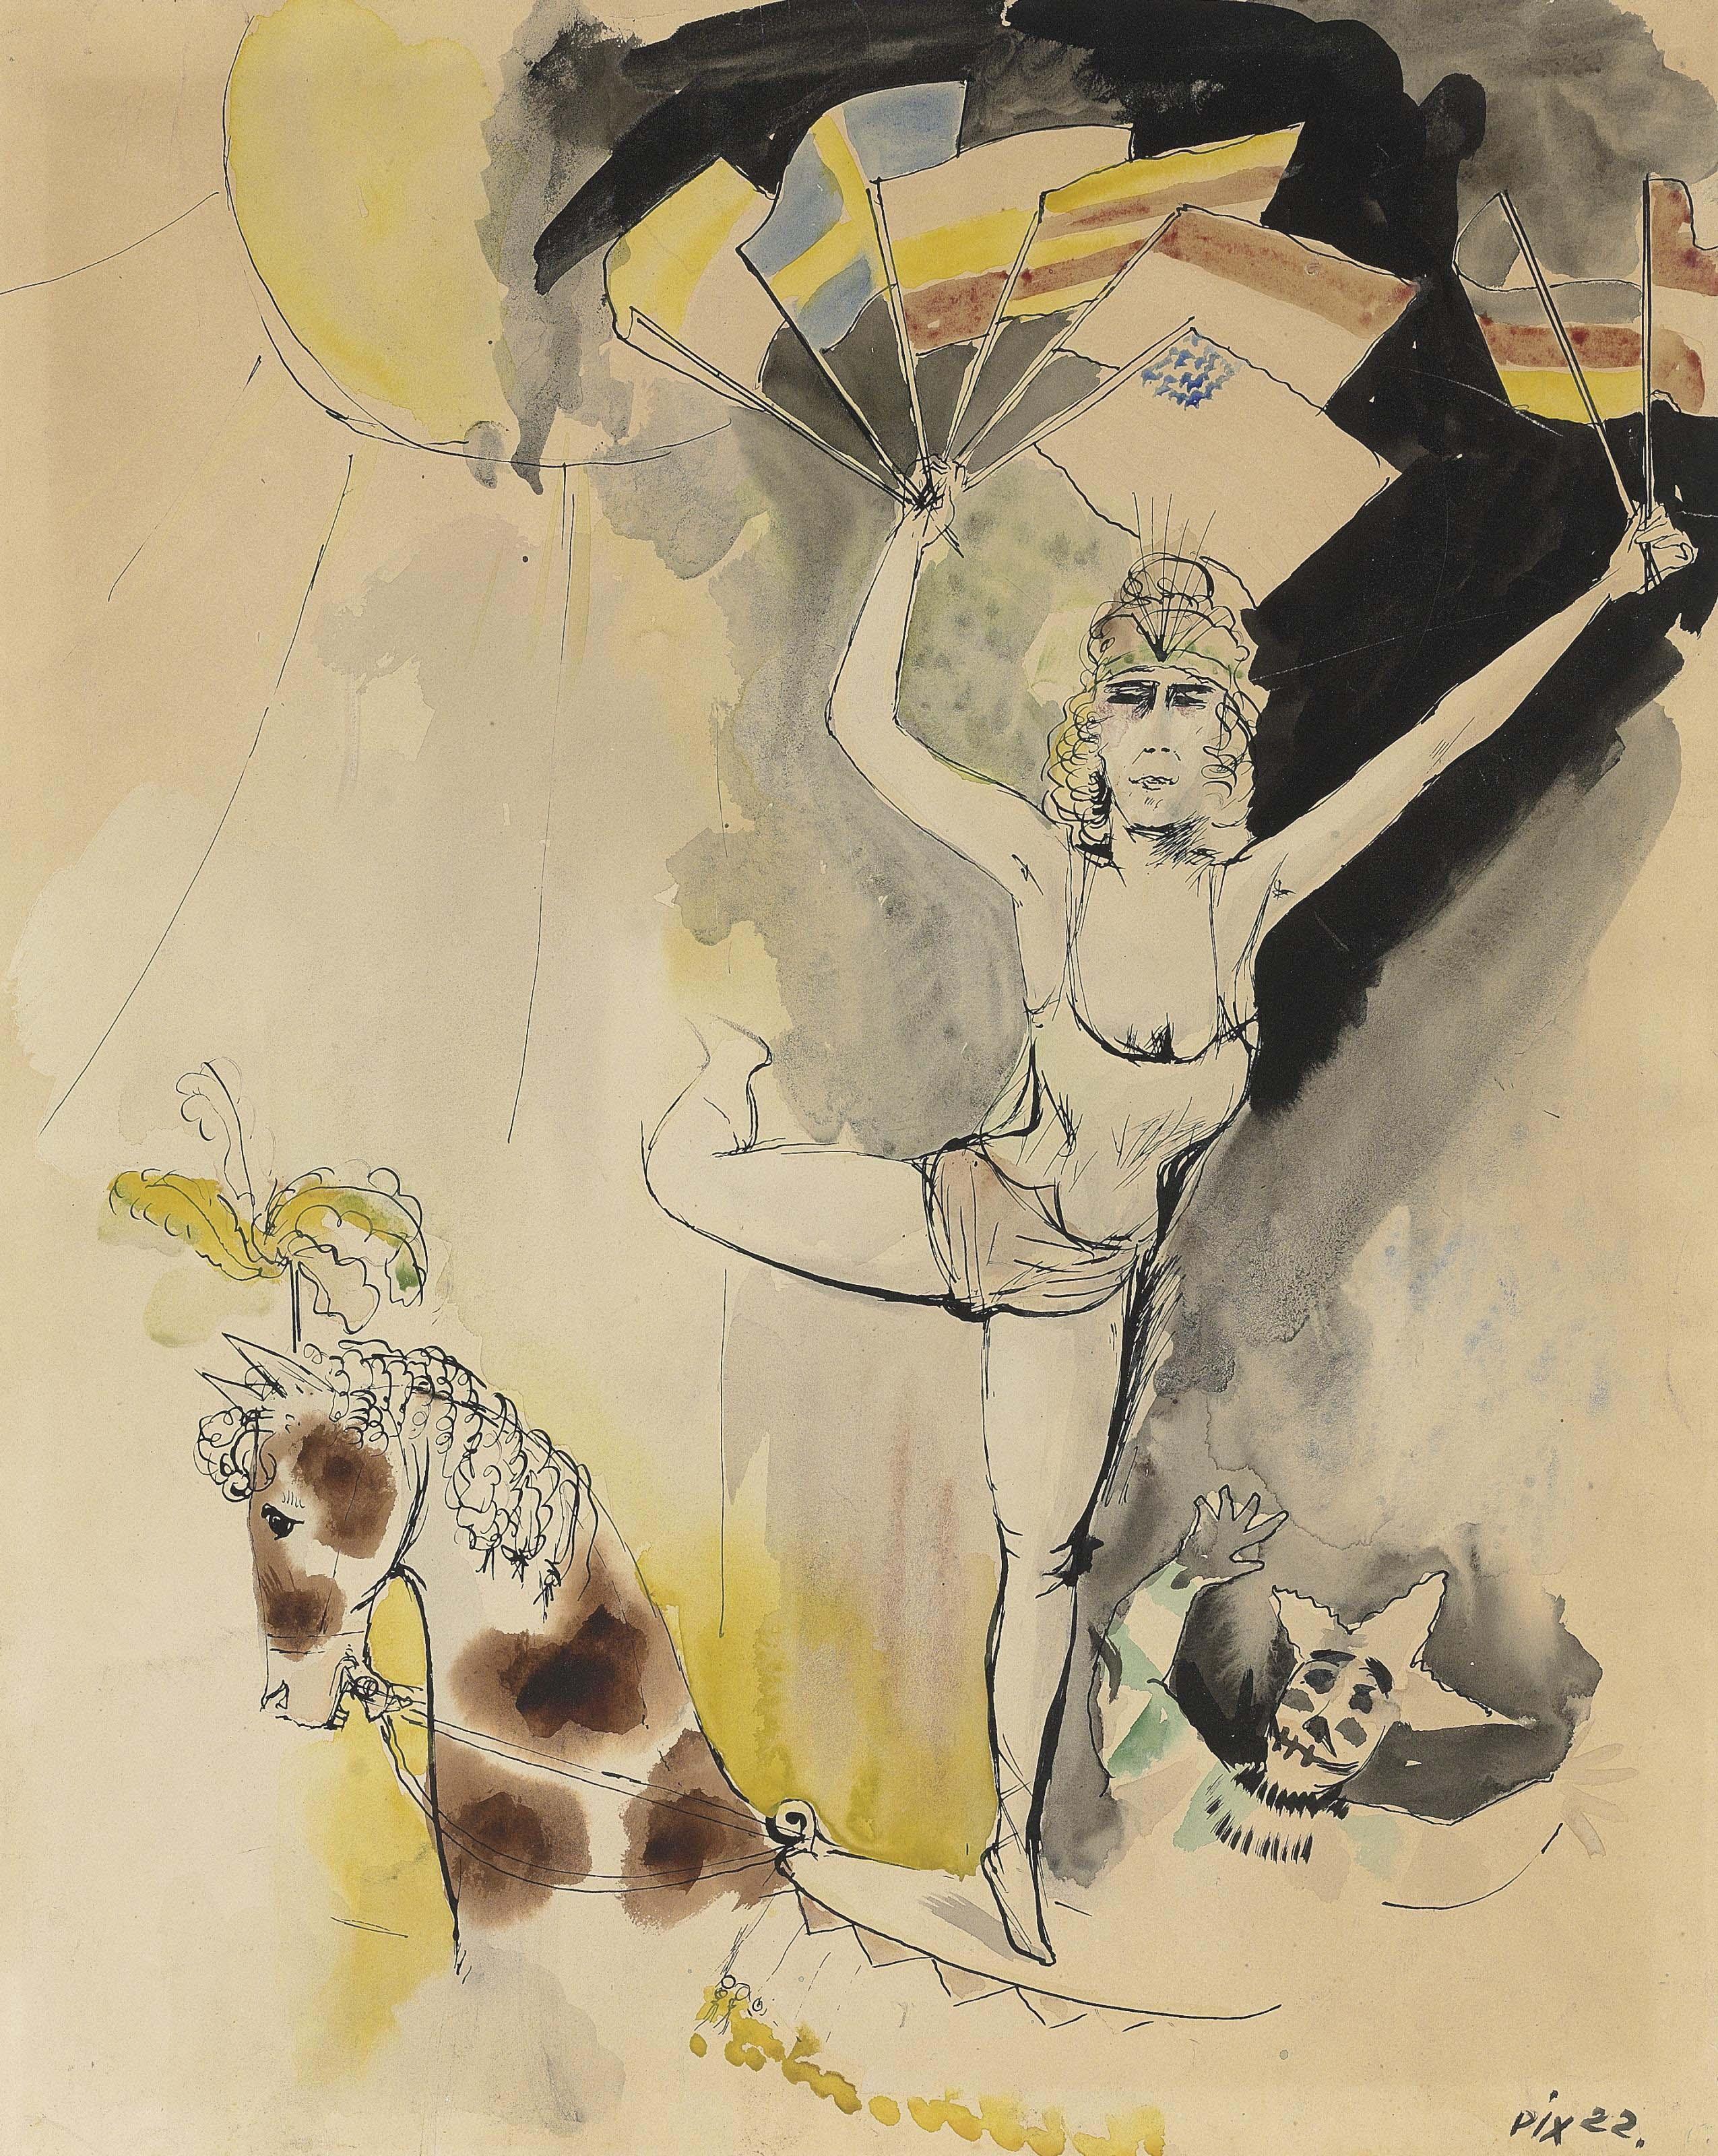 Otto Dix (1891-1969)